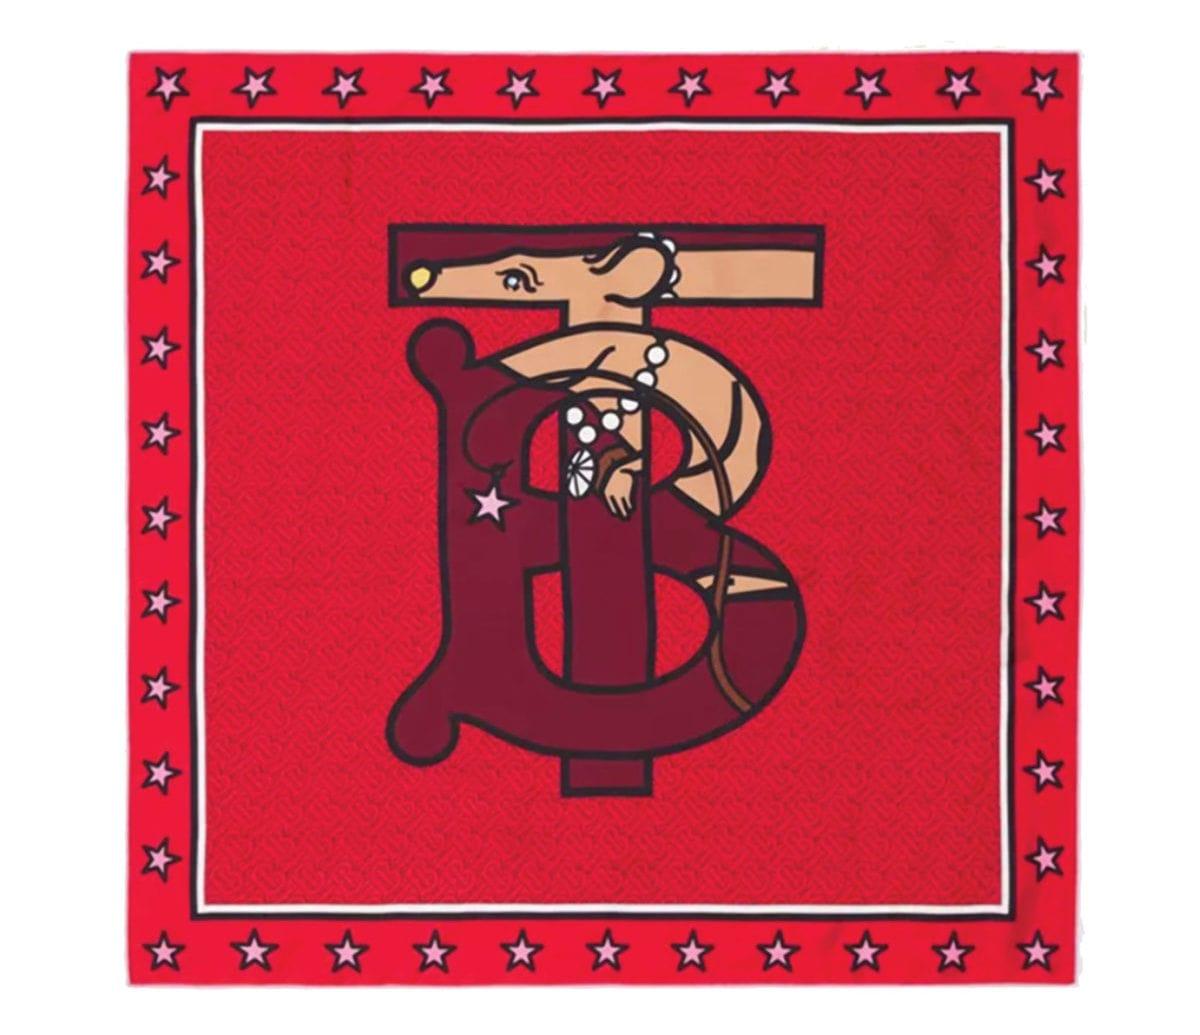 https://uk.burberry.com/monogram-motif-silk-square-scarf